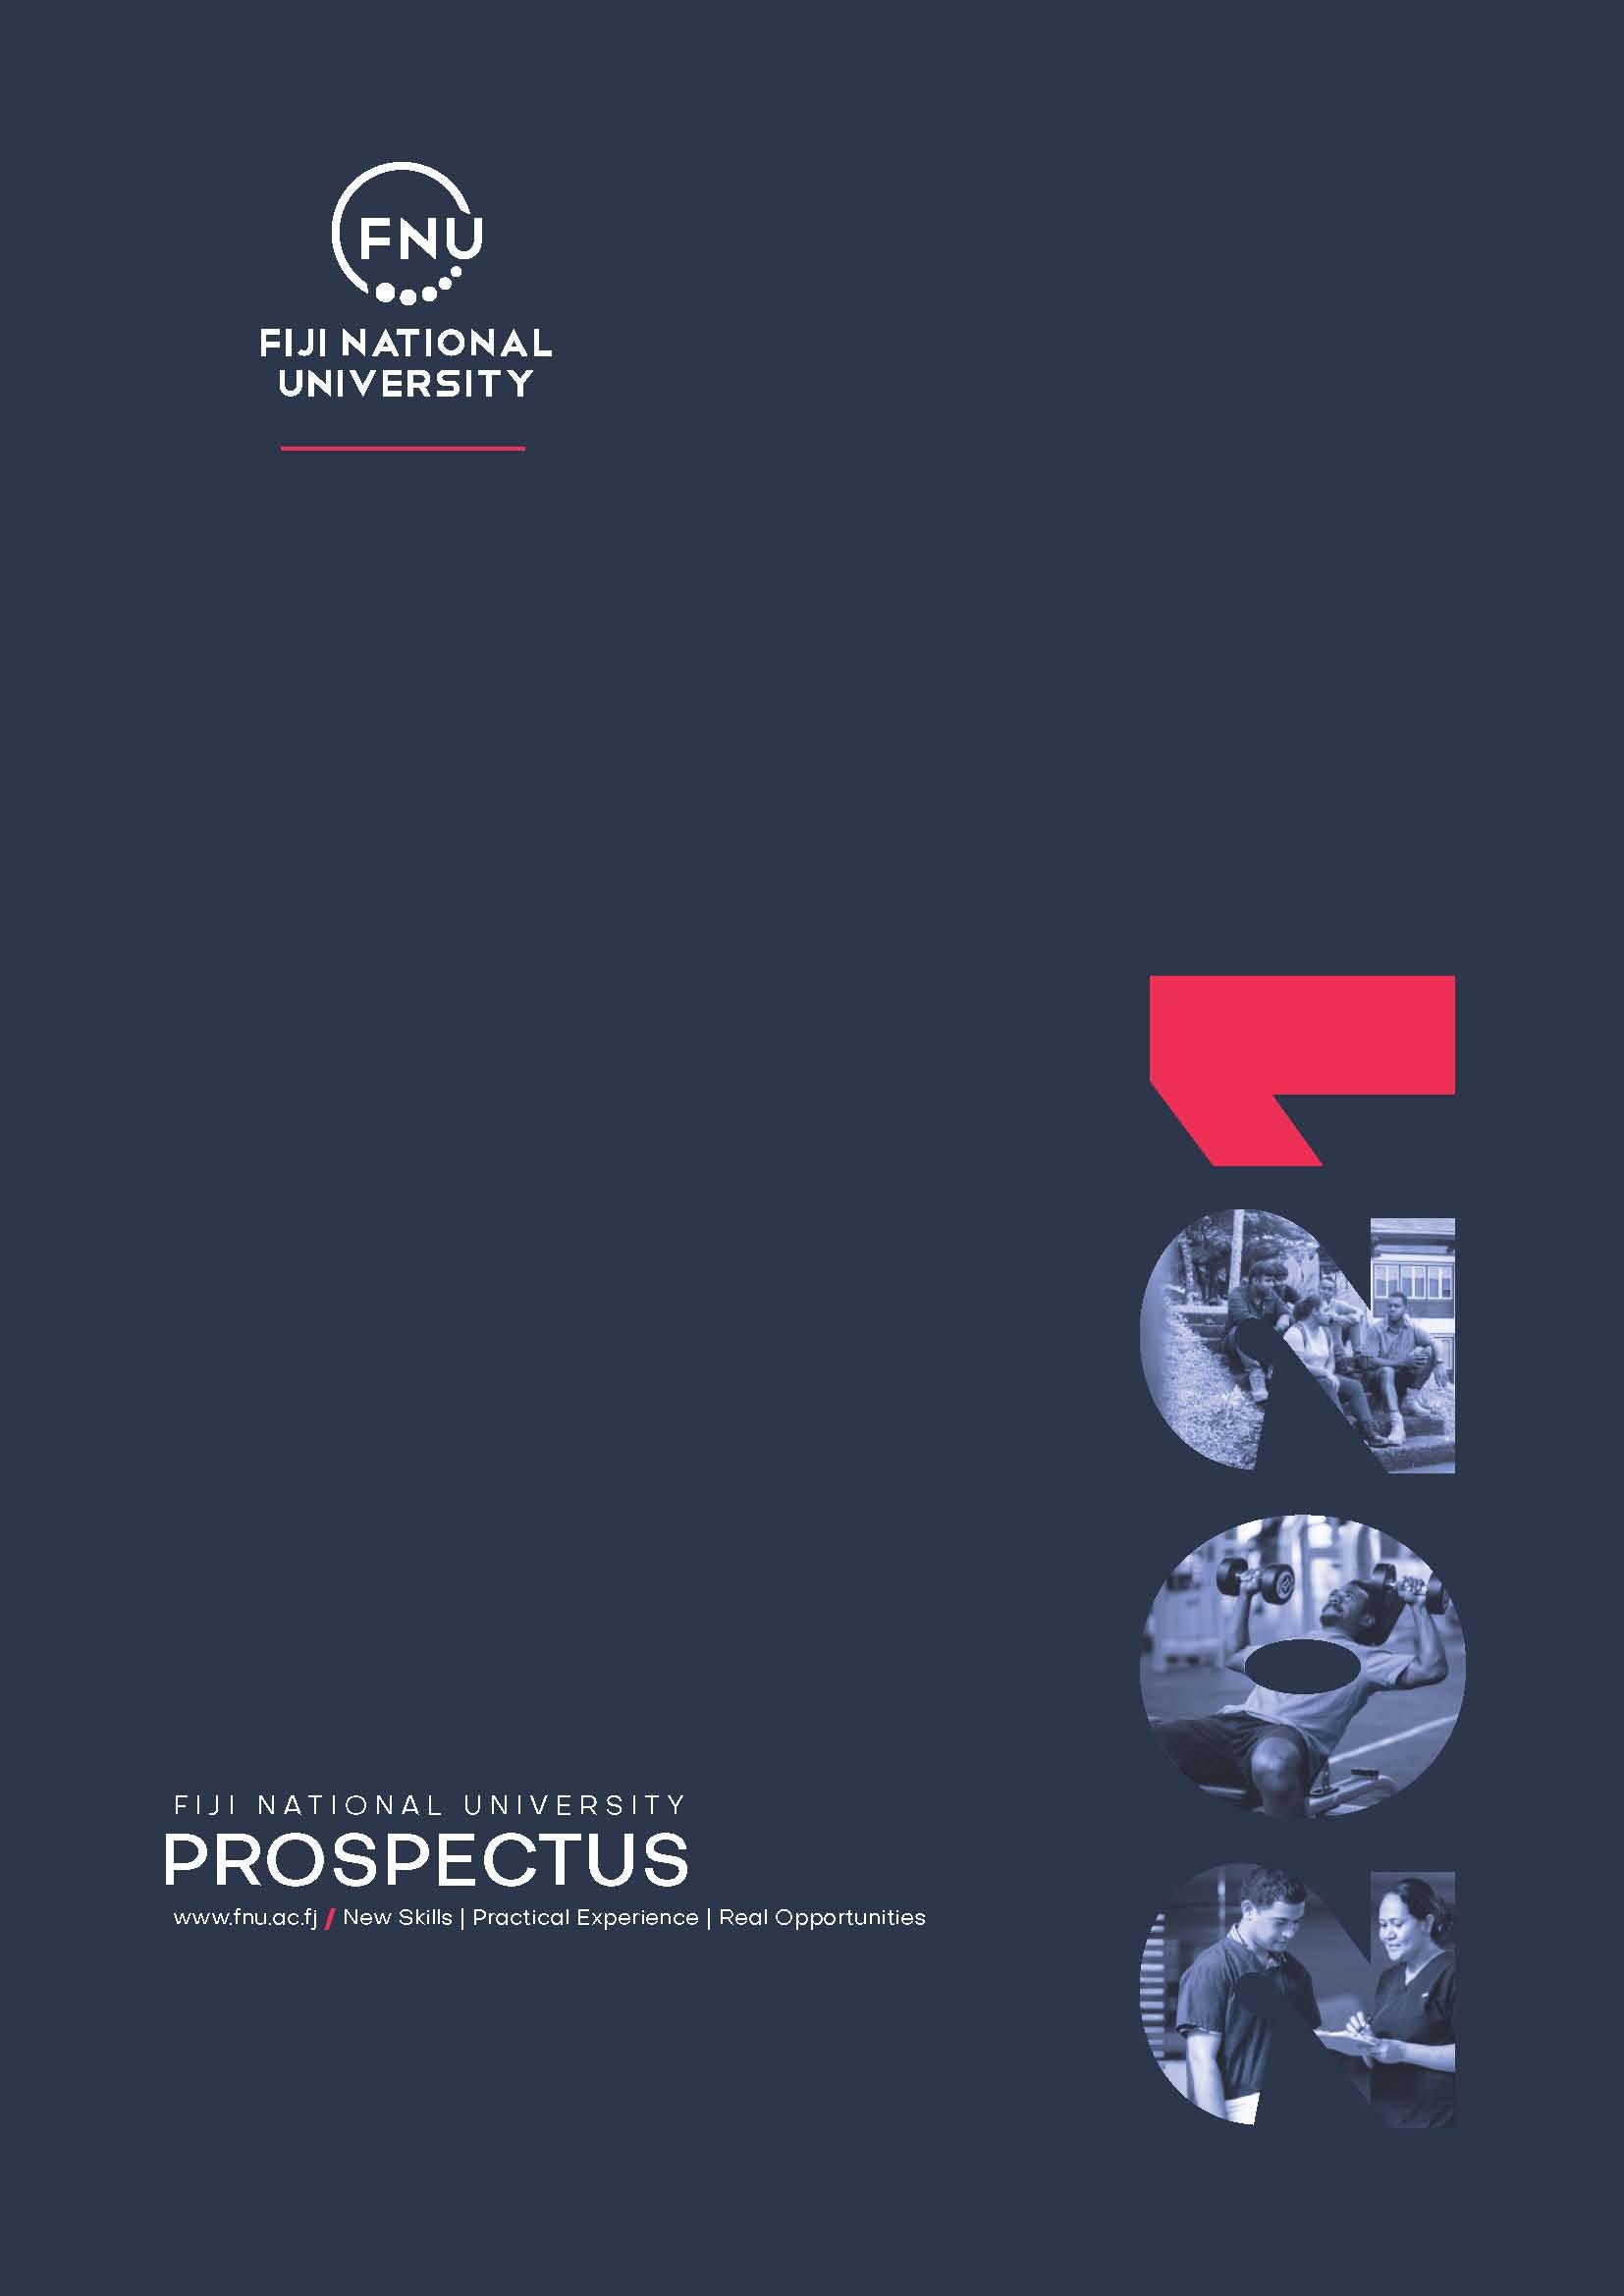 FNU 2020-2021 Prospectus